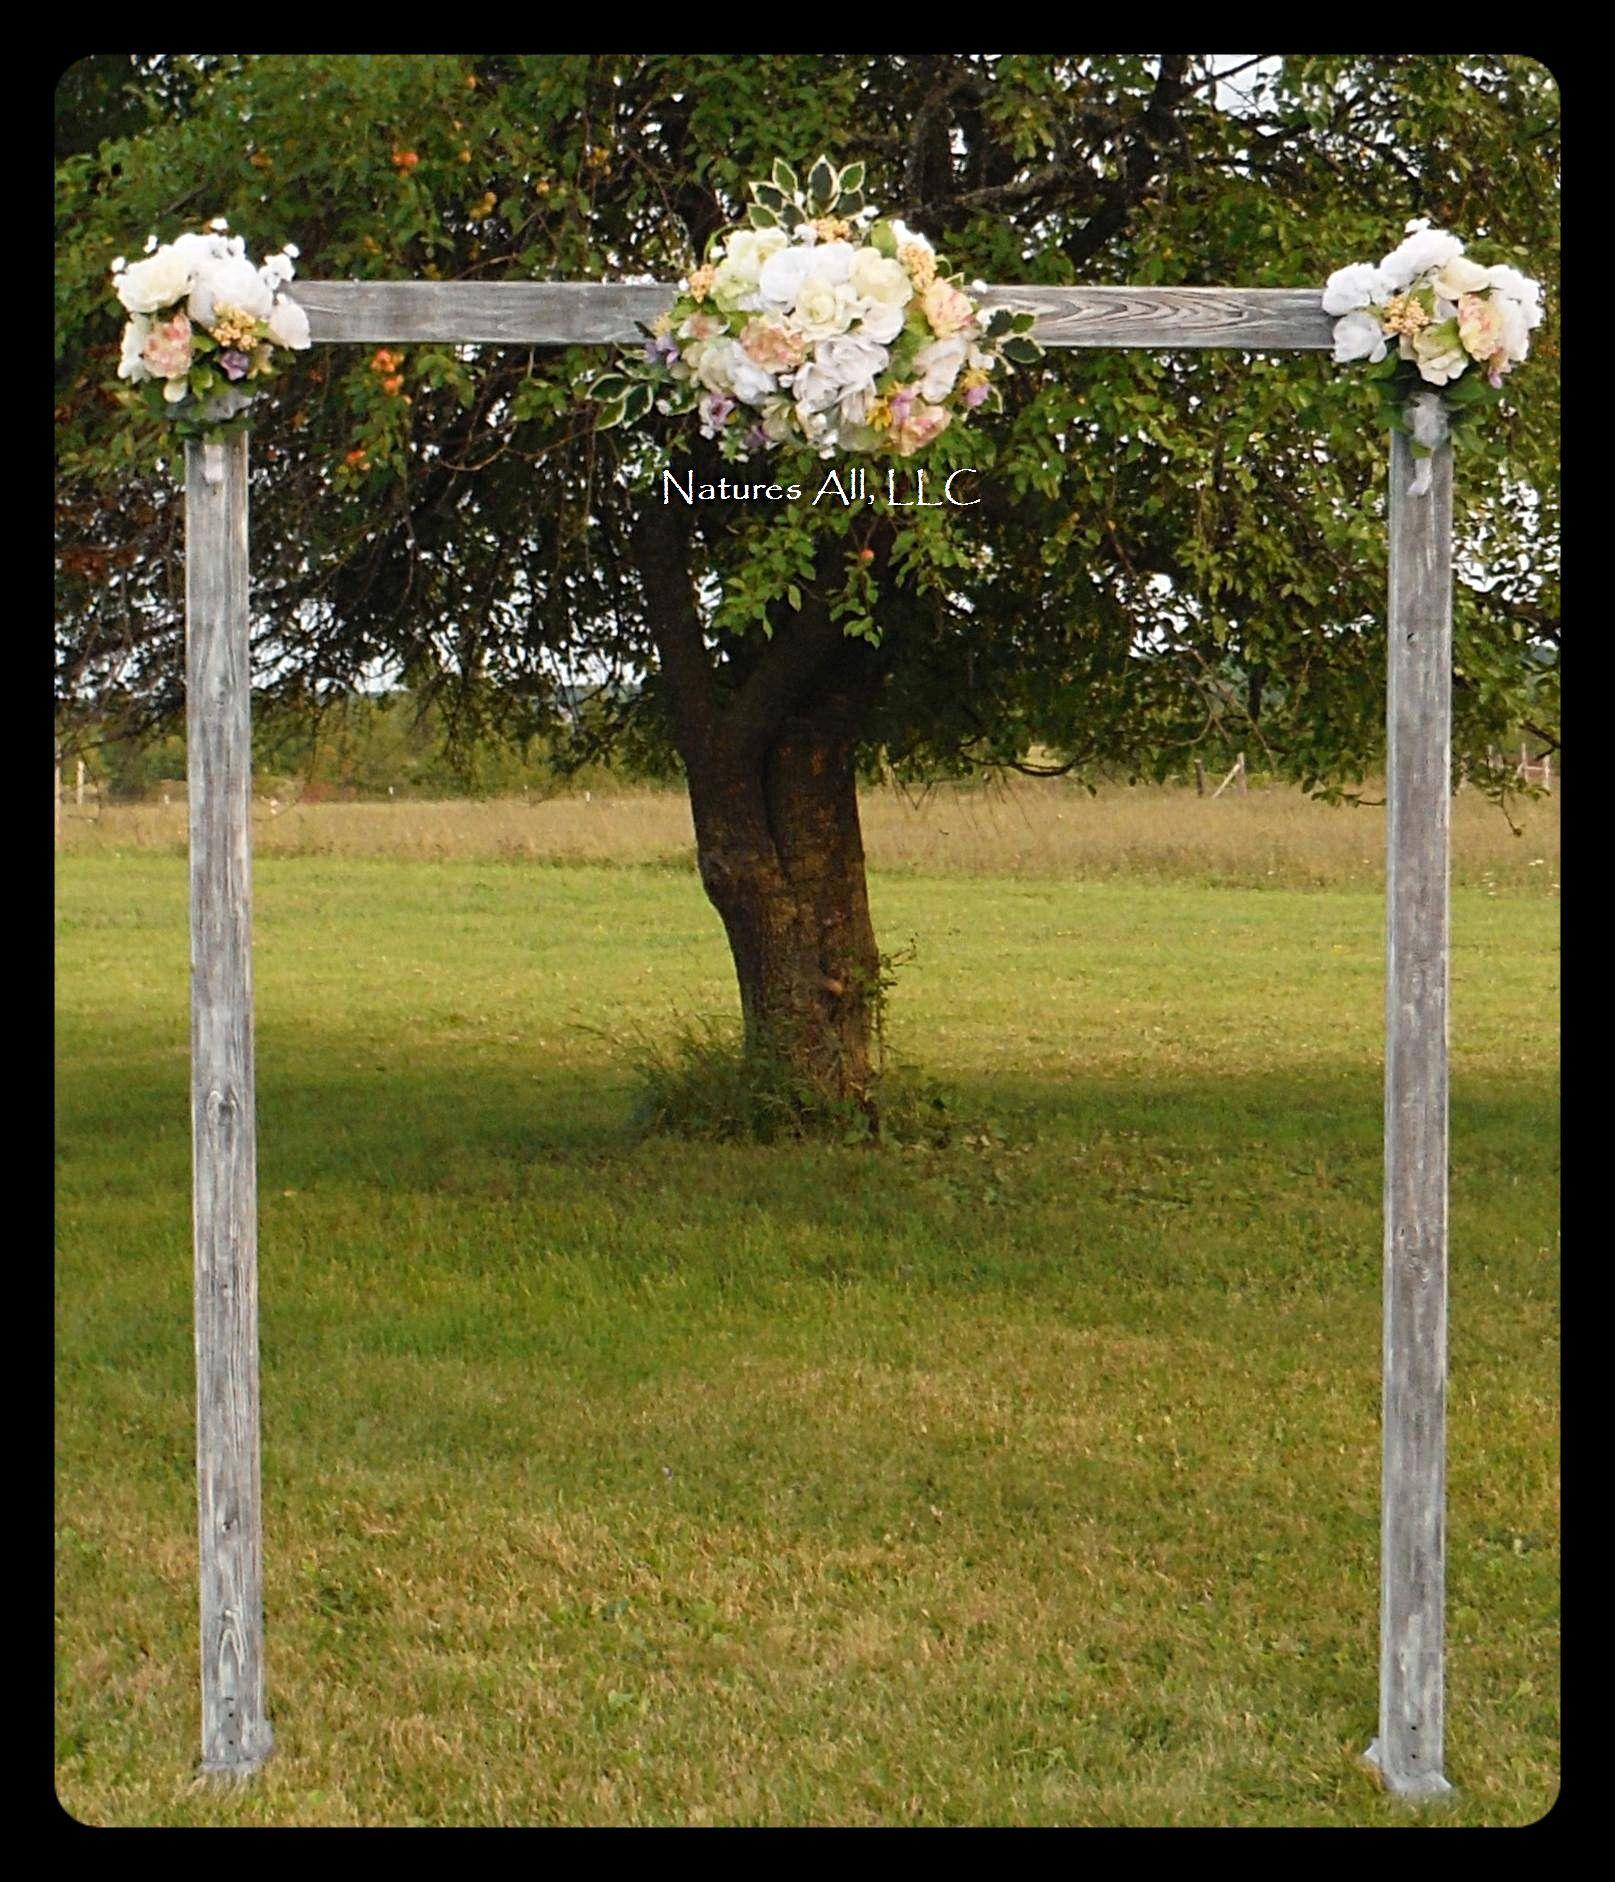 Easy Diy Wedding Arch: DIY Wedding Arch/Country Wedding Decor/Rustic Wedding Arch